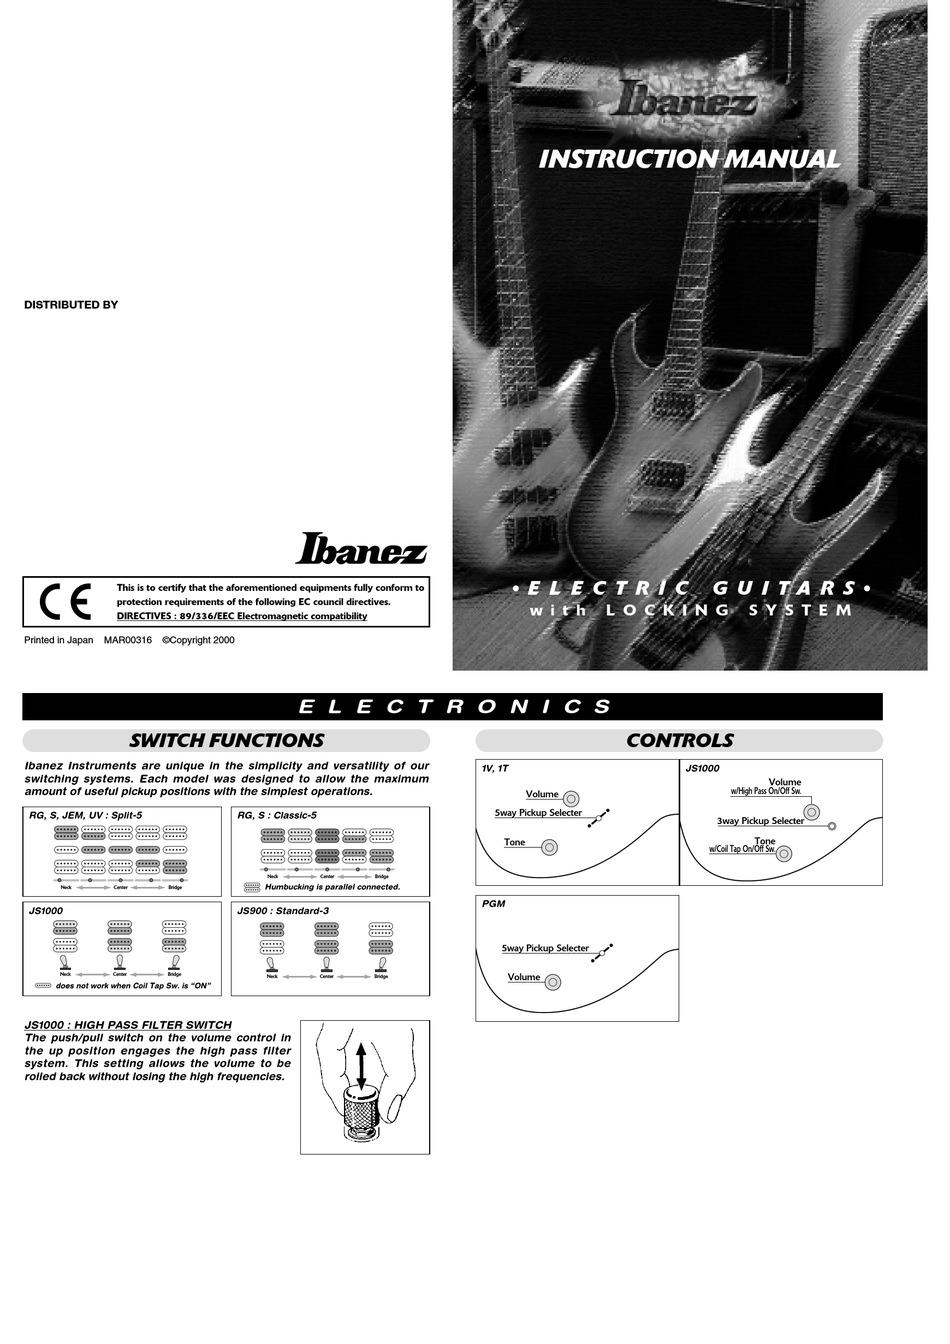 IBANEZ JS1000 INSTRUCTION MANUAL Pdf Download | ManualsLibManualsLib